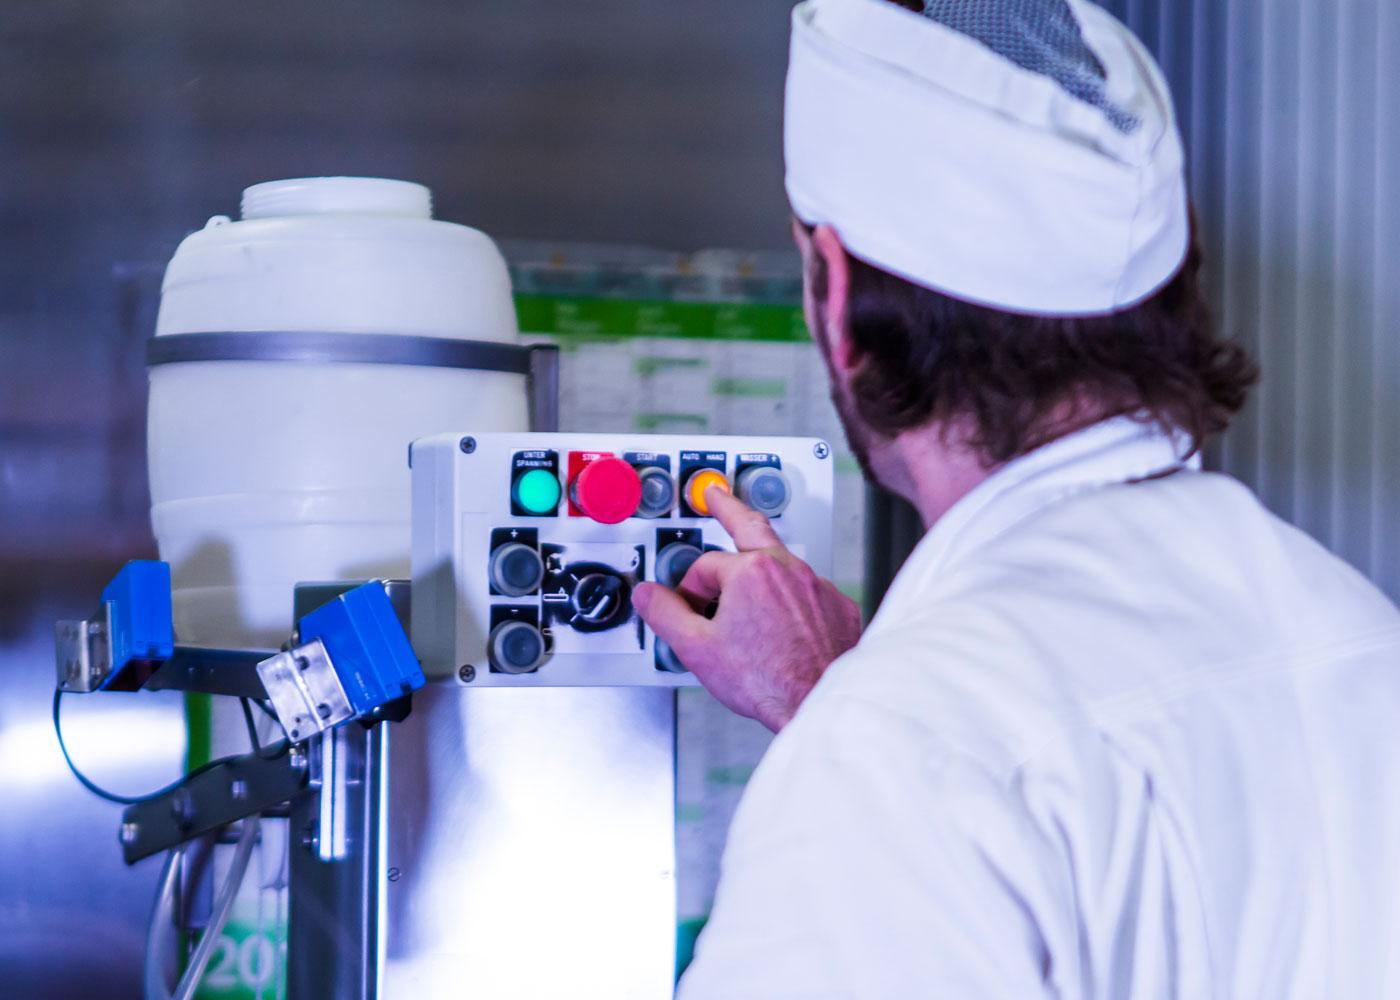 Schutz vor Korrosion, Kurzschluss, Feuchtigkeit in der Produktion